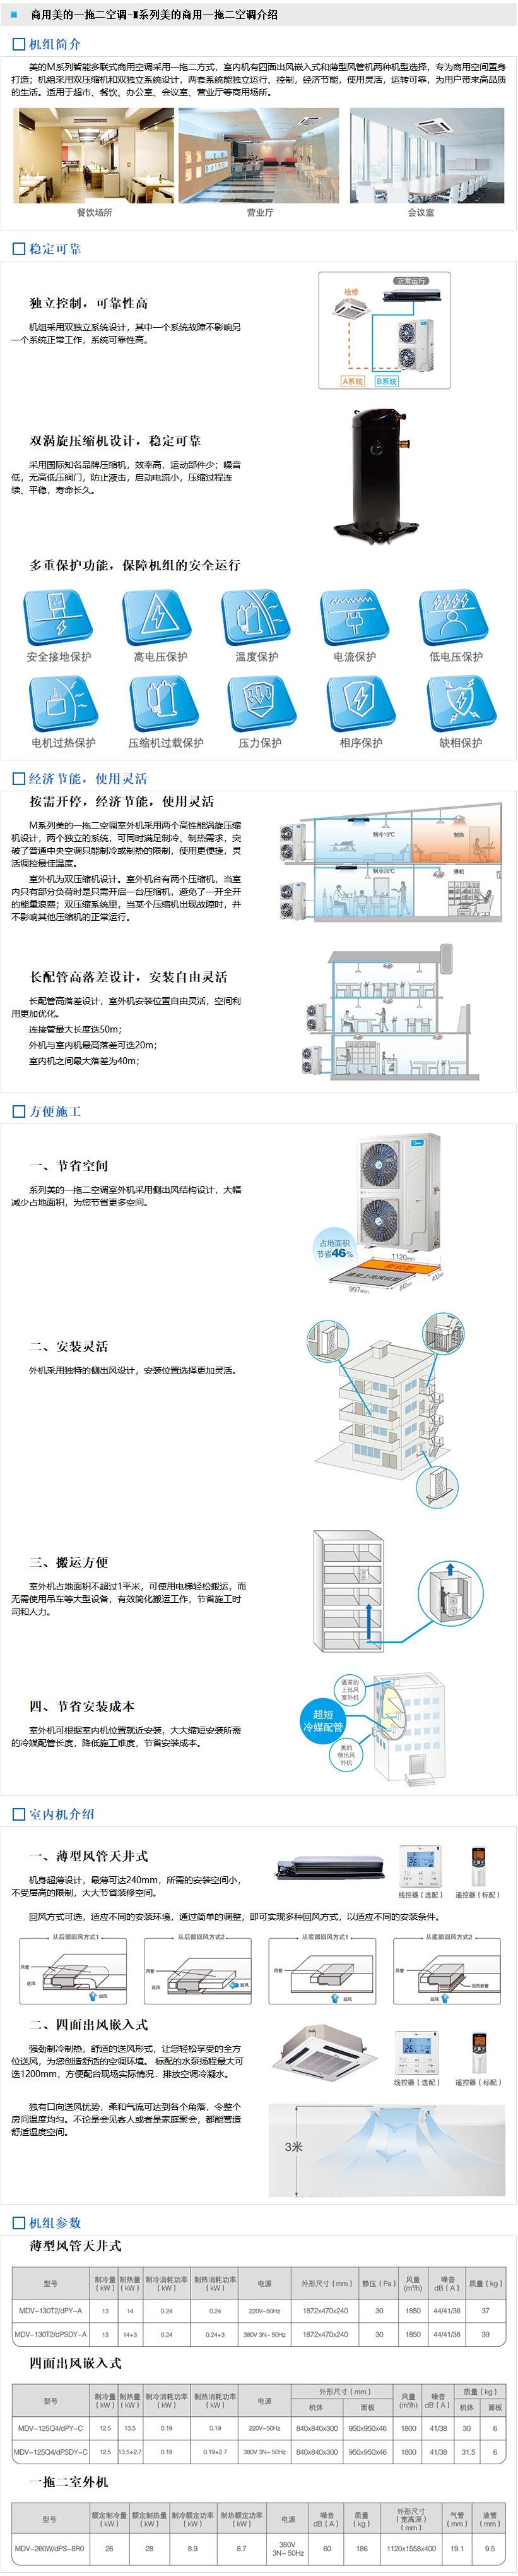 商用美的一拖二空调-M系列美的商用一拖二空调介绍